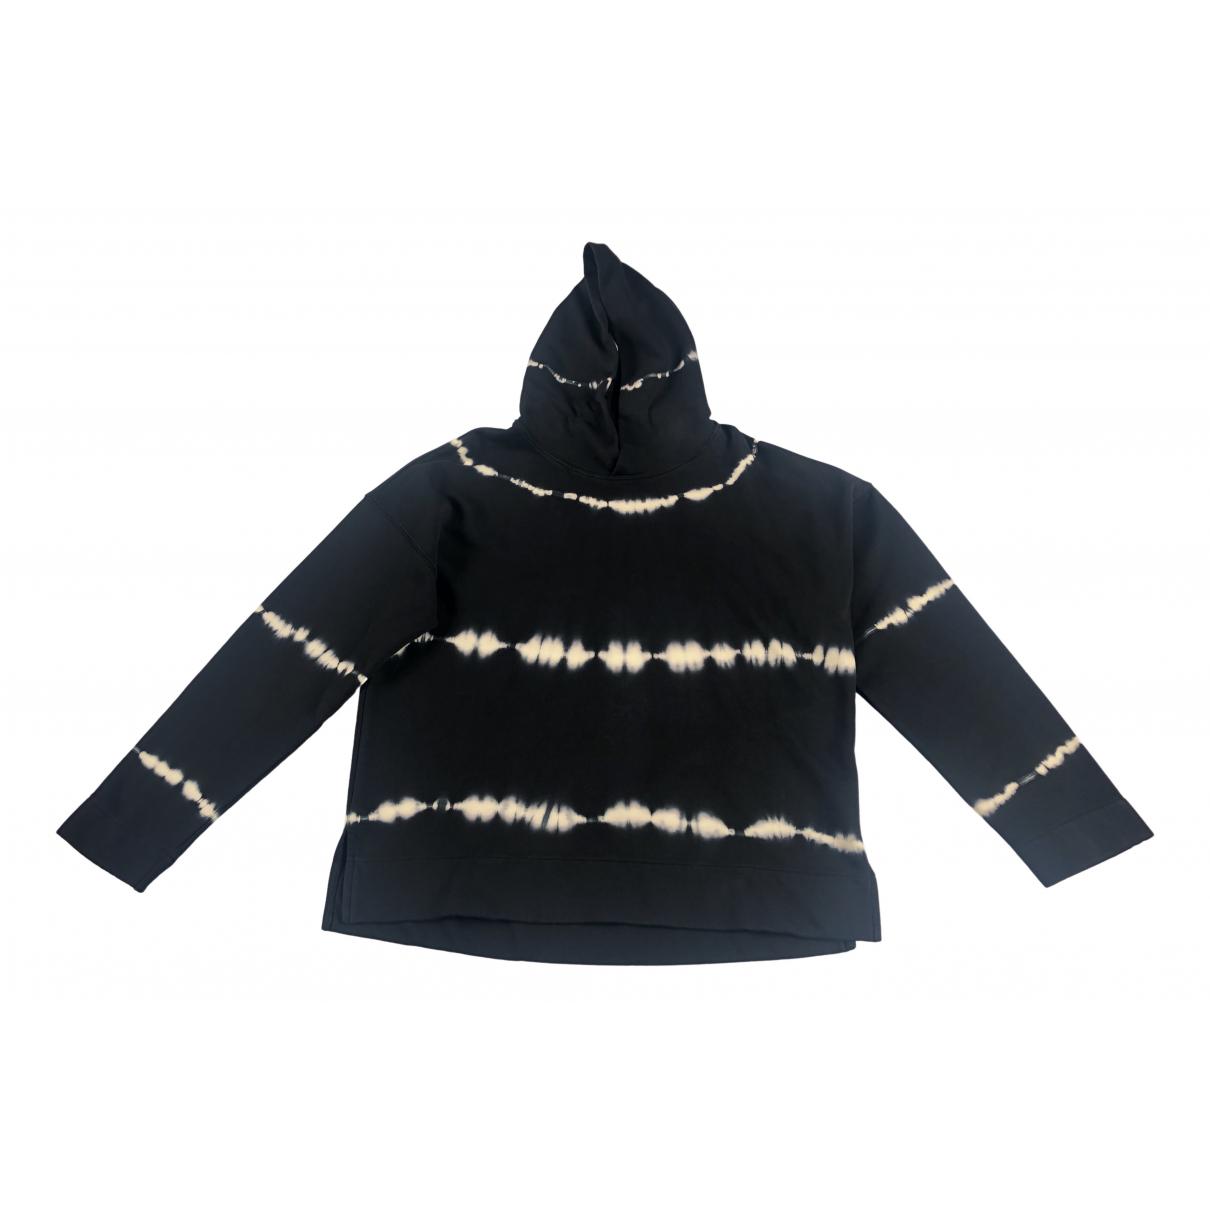 Sandro Fall Winter 2019 Black Cotton Knitwear for Women S International